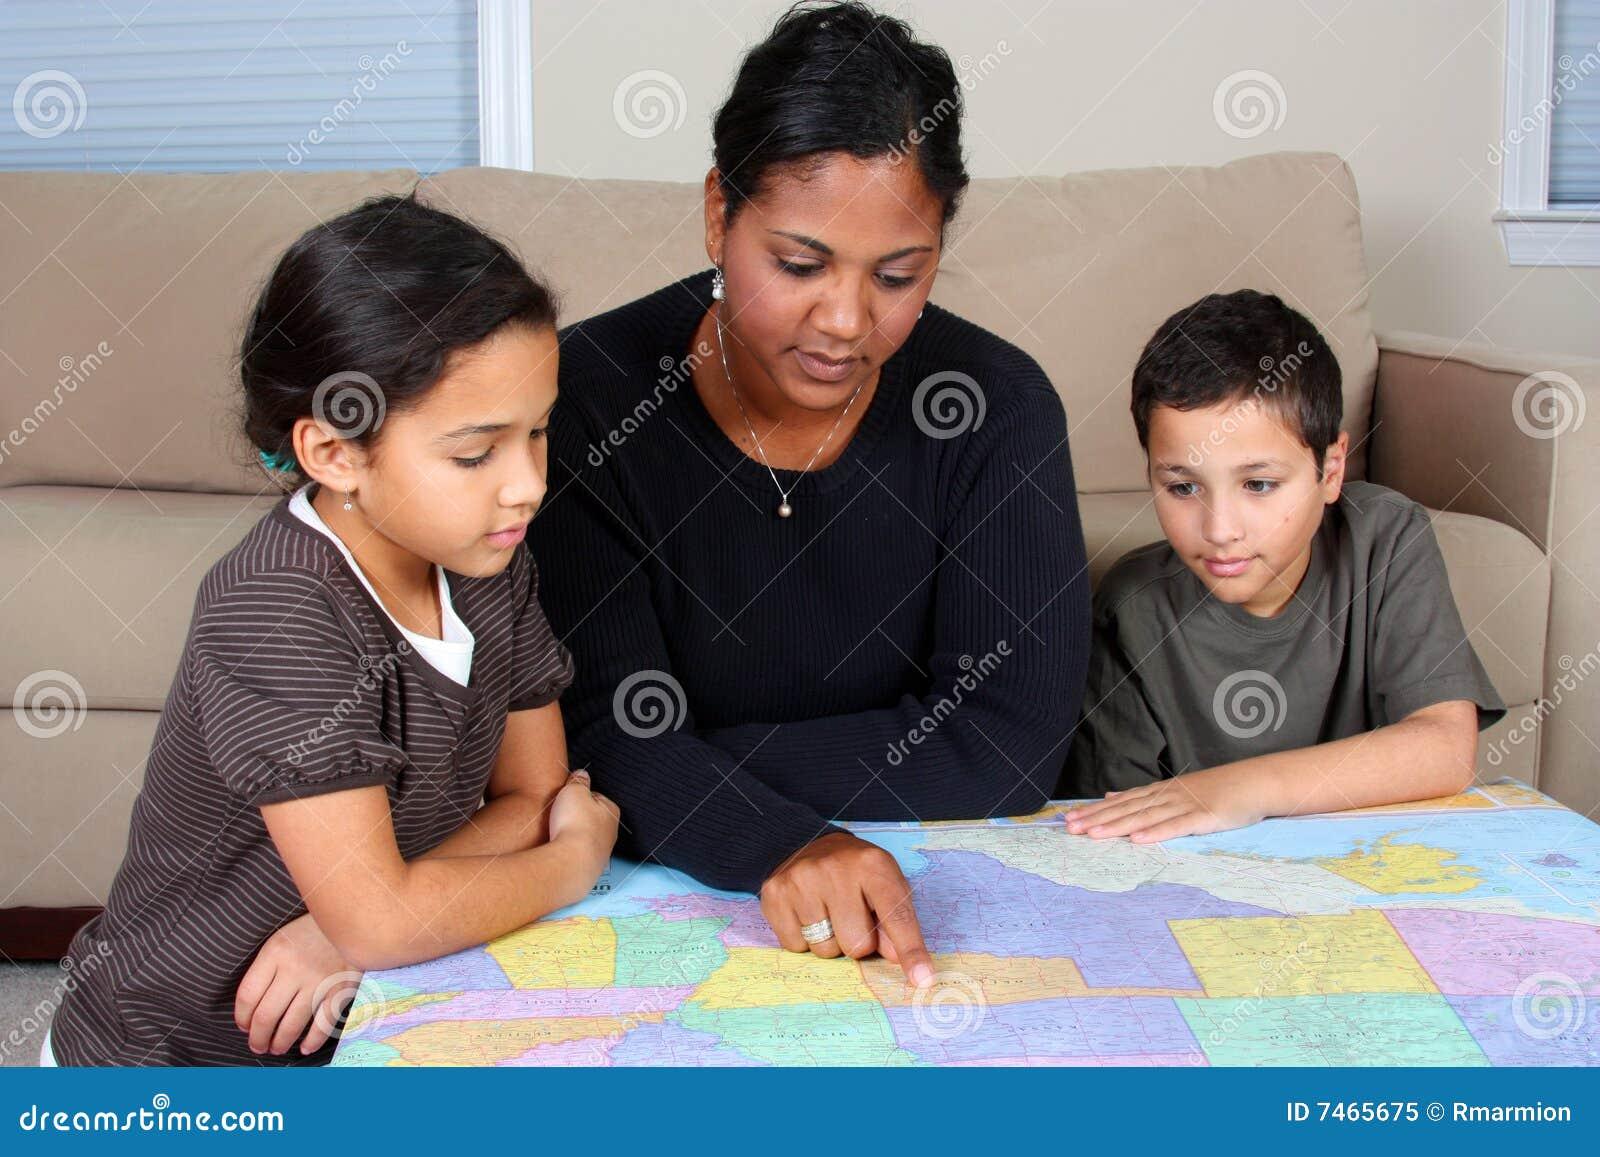 Betrachten der Karte